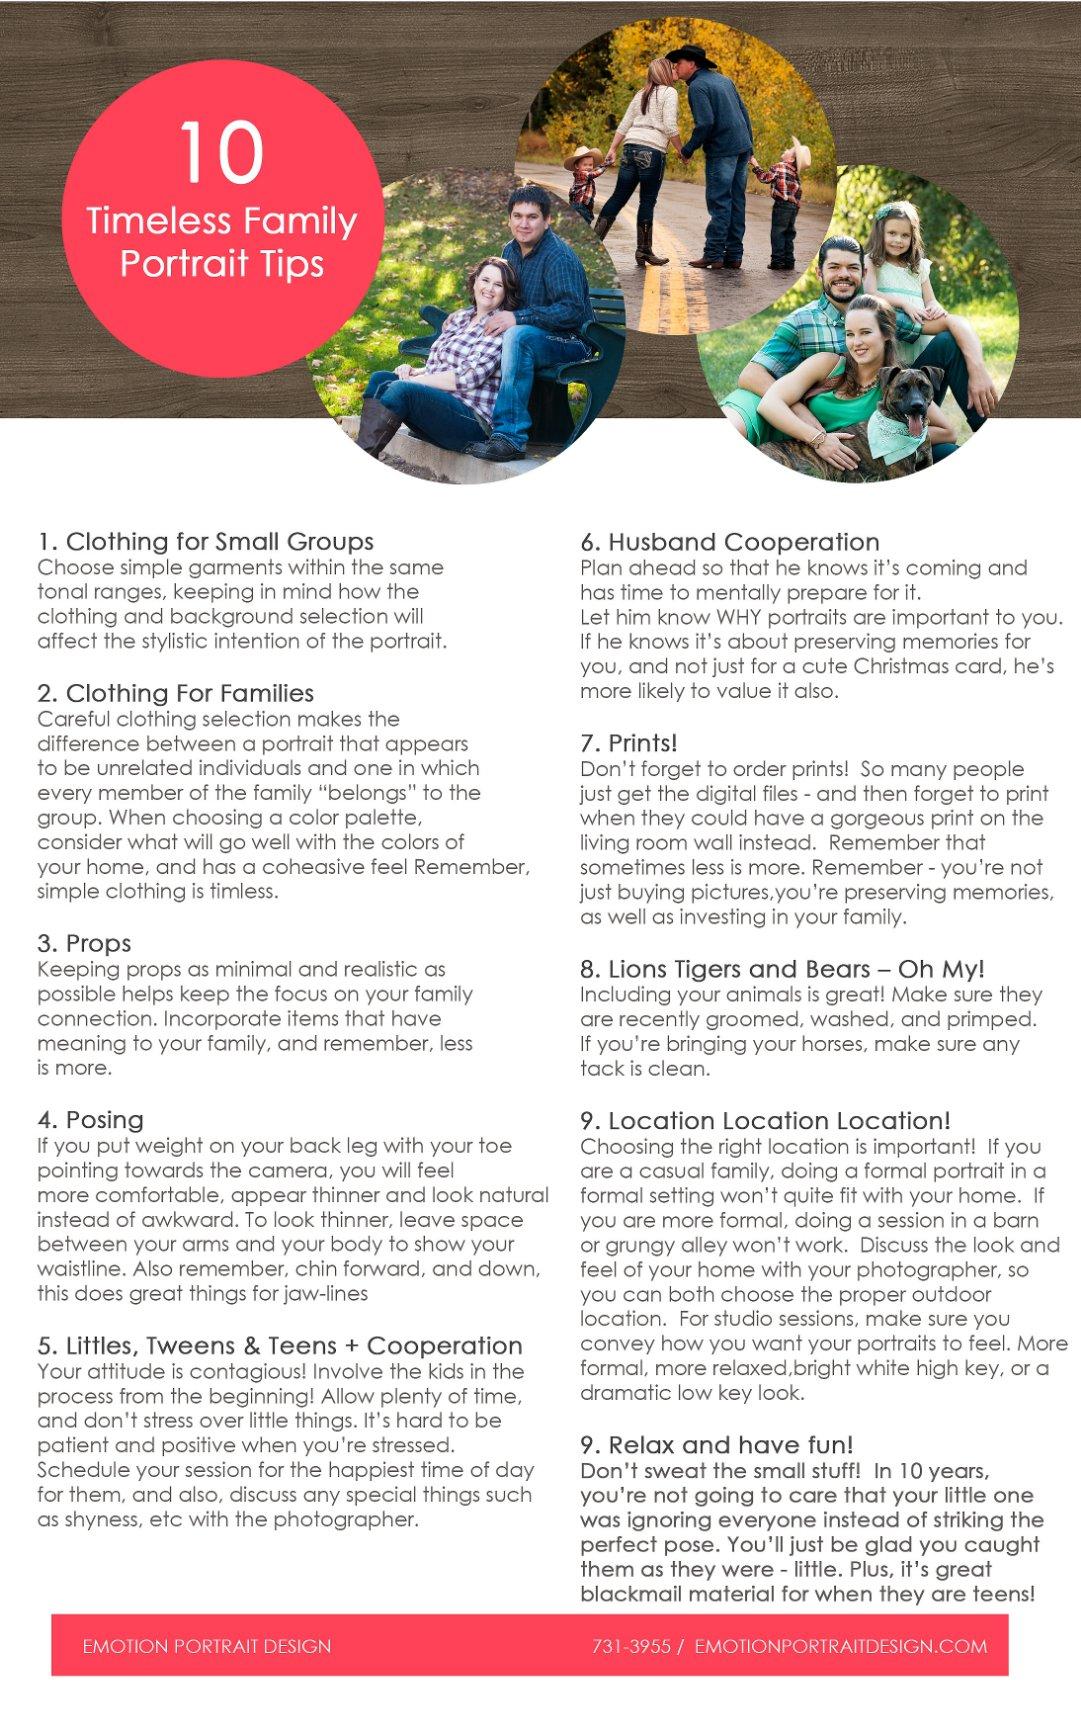 Ten Tips for Timeless Family Portraits - Emotion Portrait Design